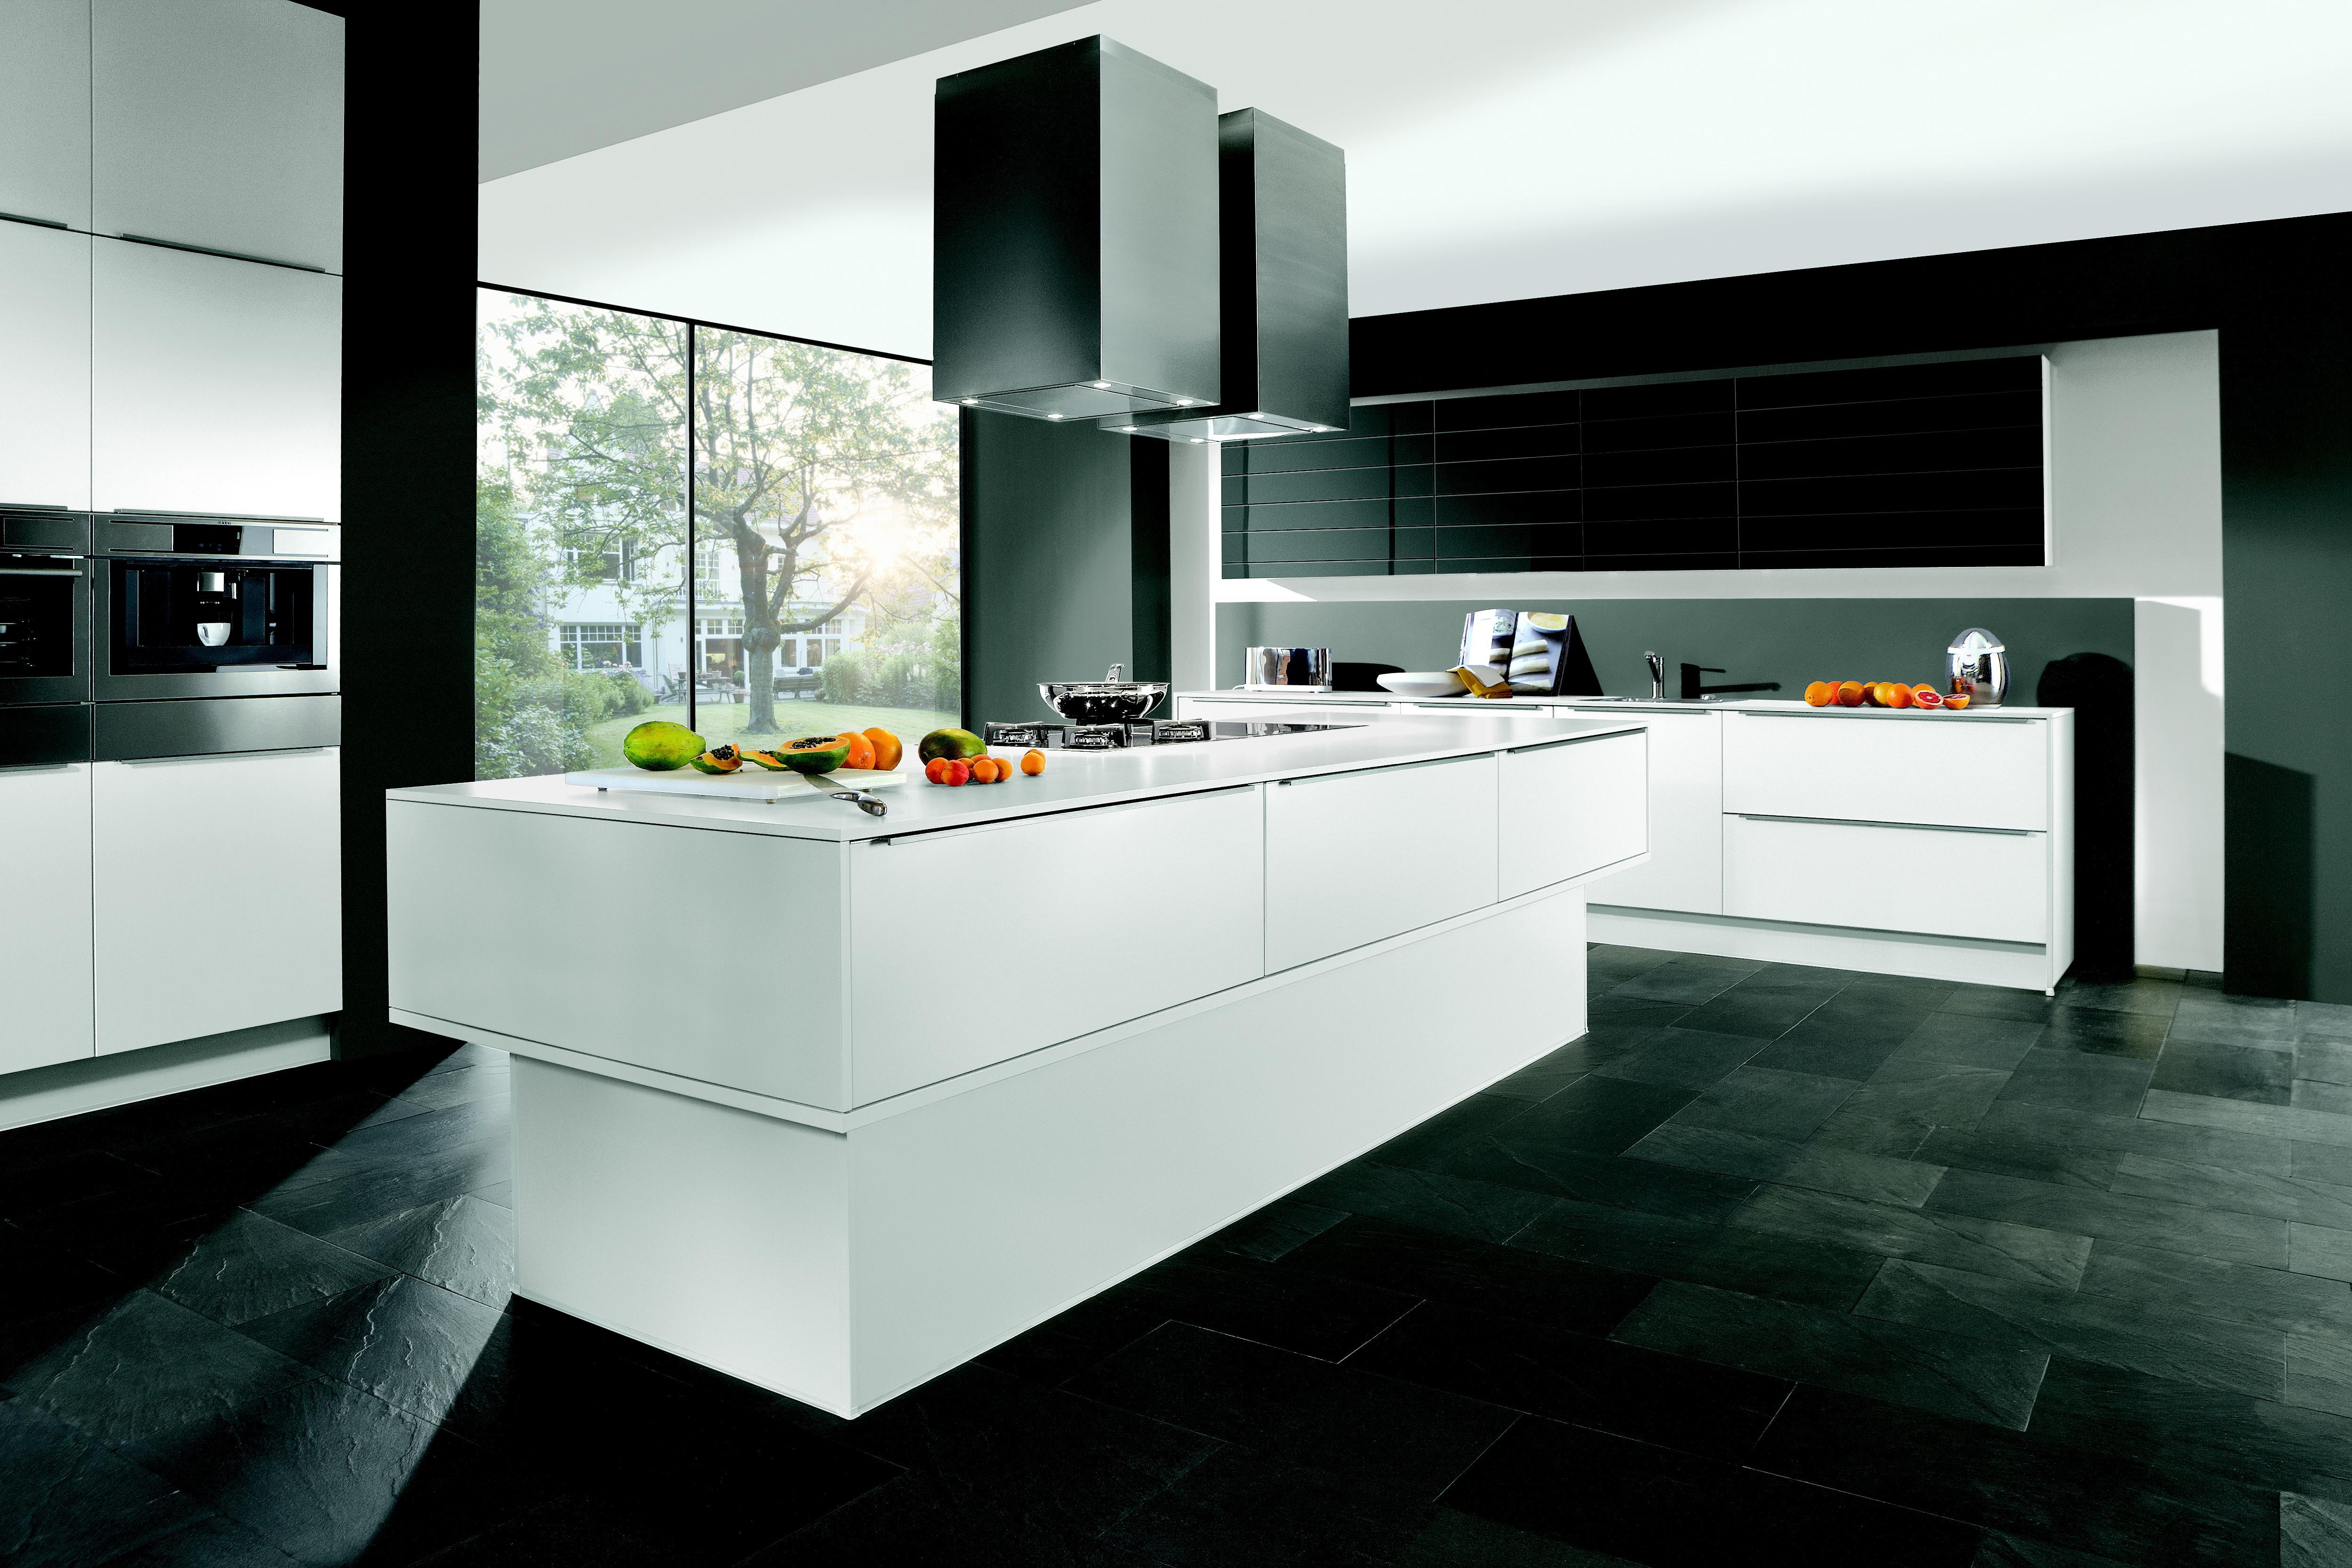 Foto 1 de muebles de ba o y cocina en madrid dise o en for Disenos de muebles de cocina colgantes